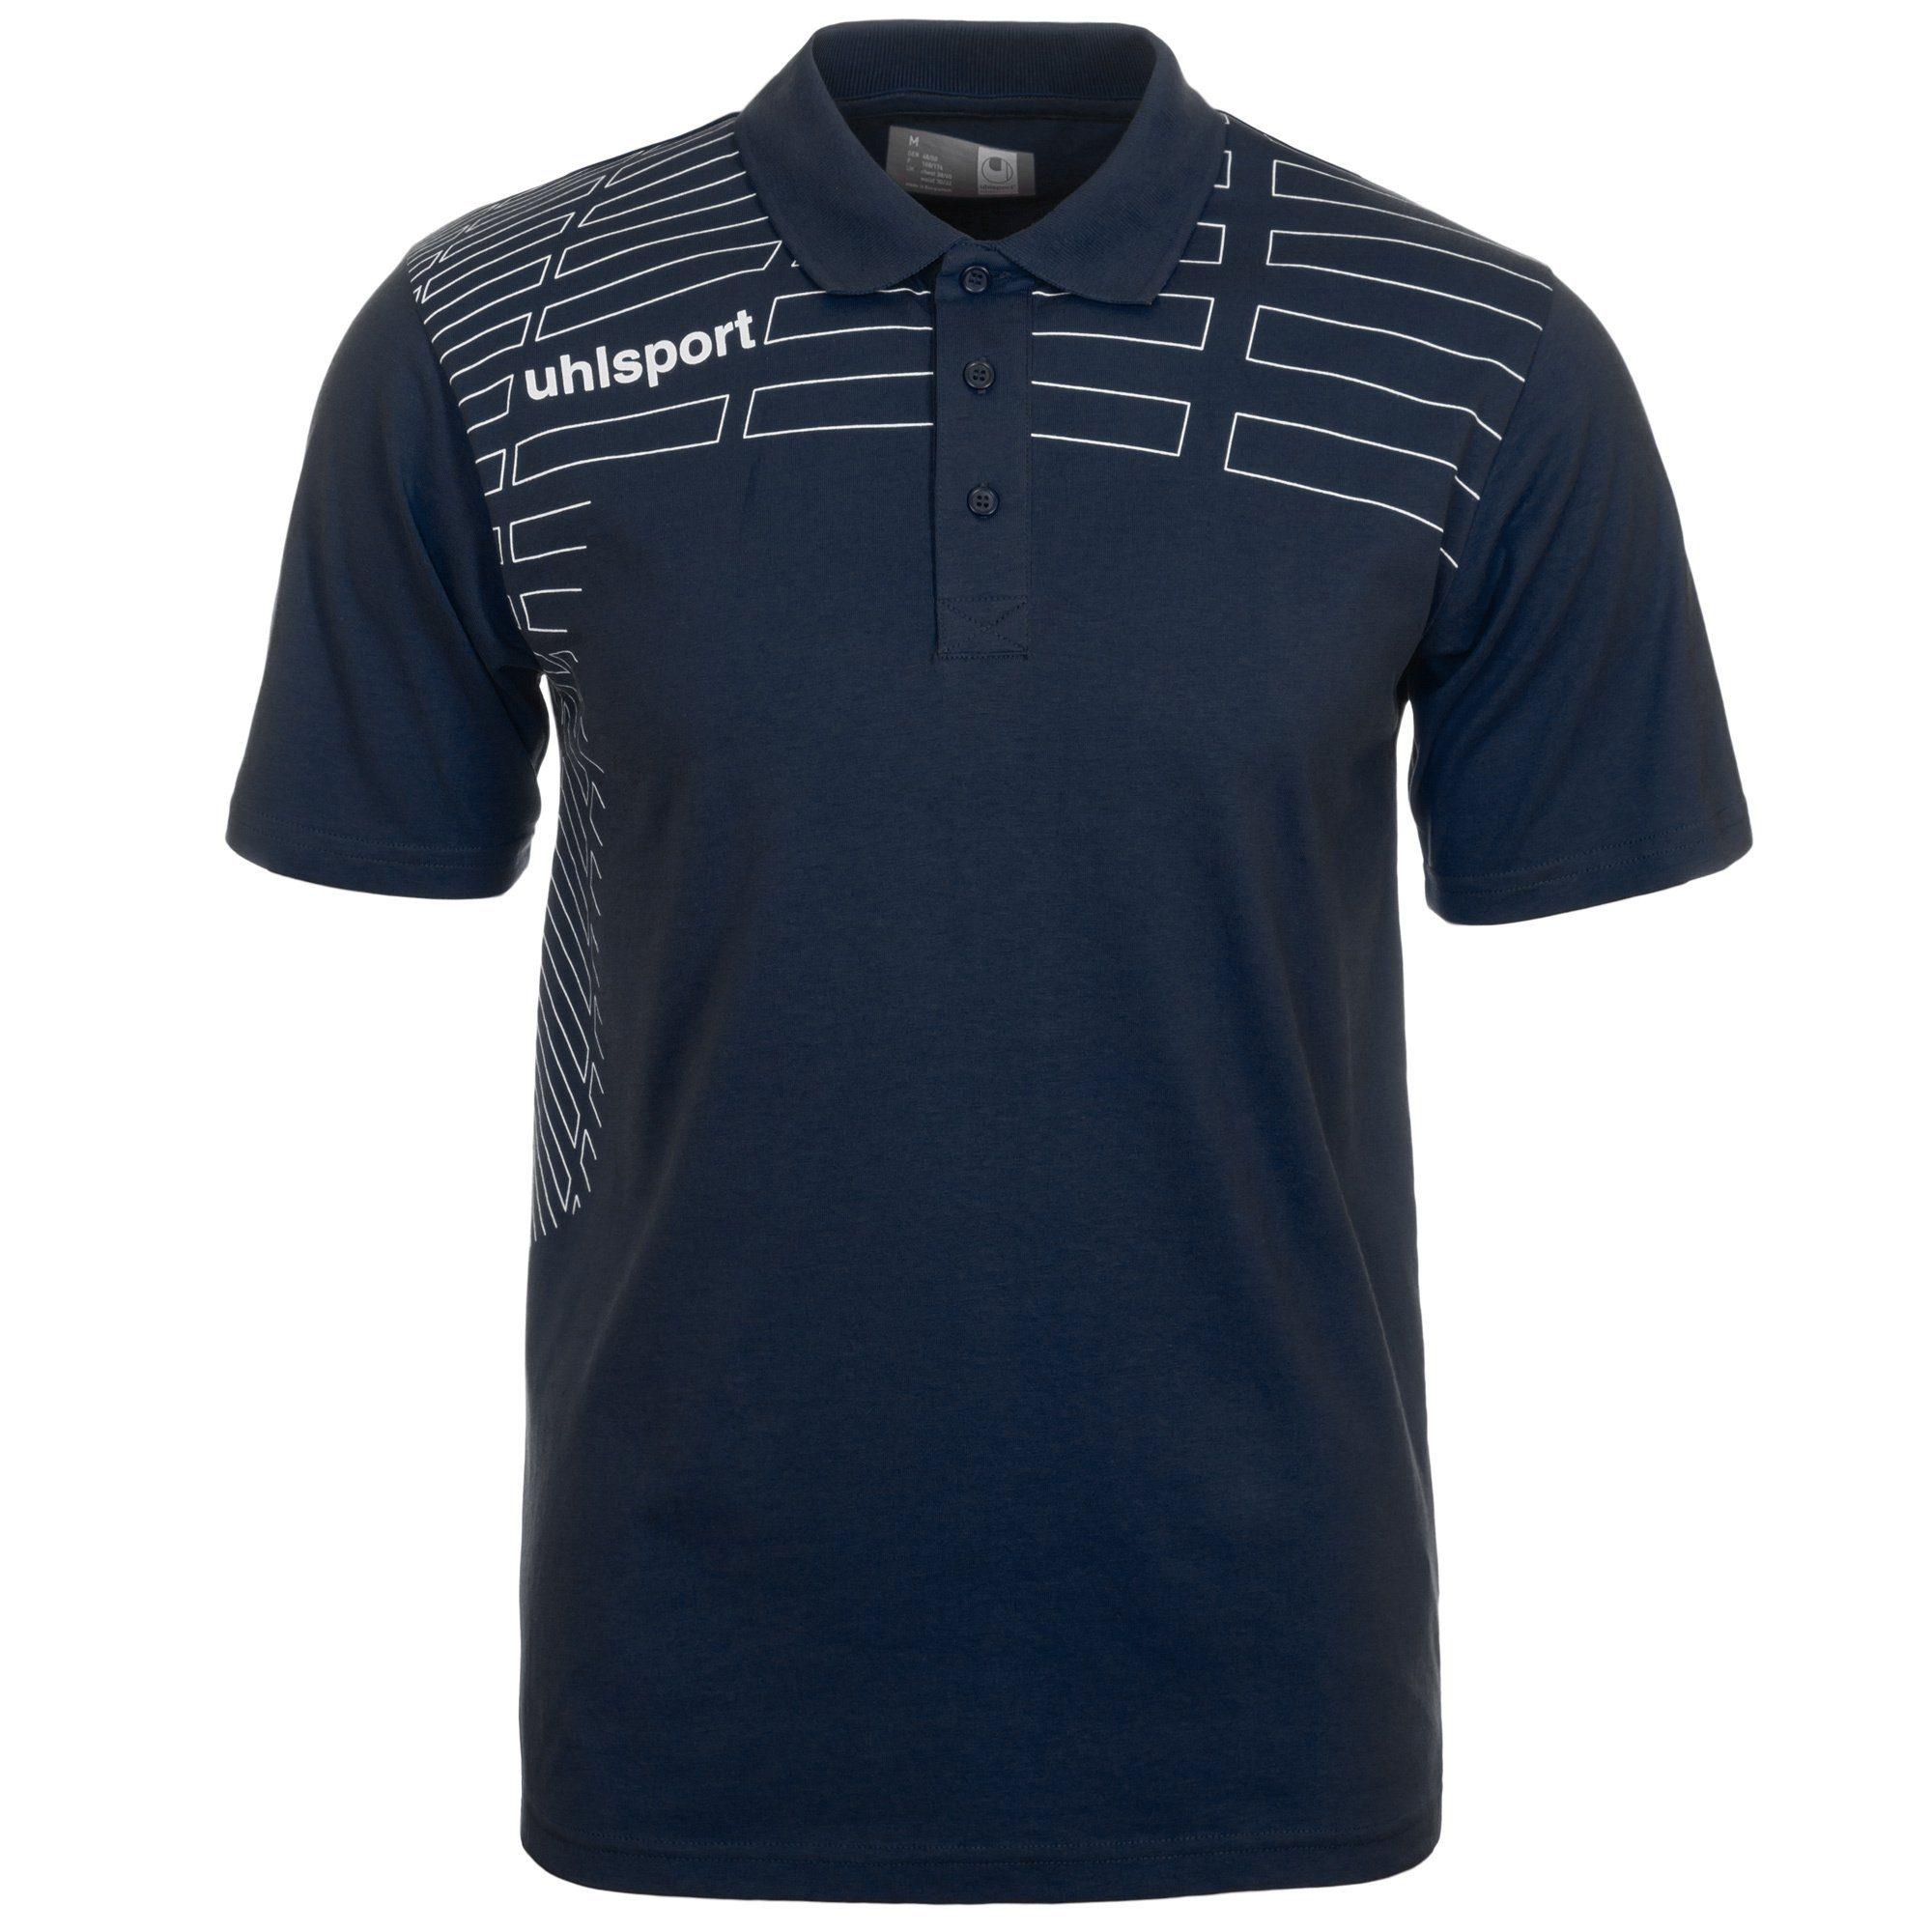 Match Herren Uhlsport Online Polo Shirt Kaufen 5qcARjLS43